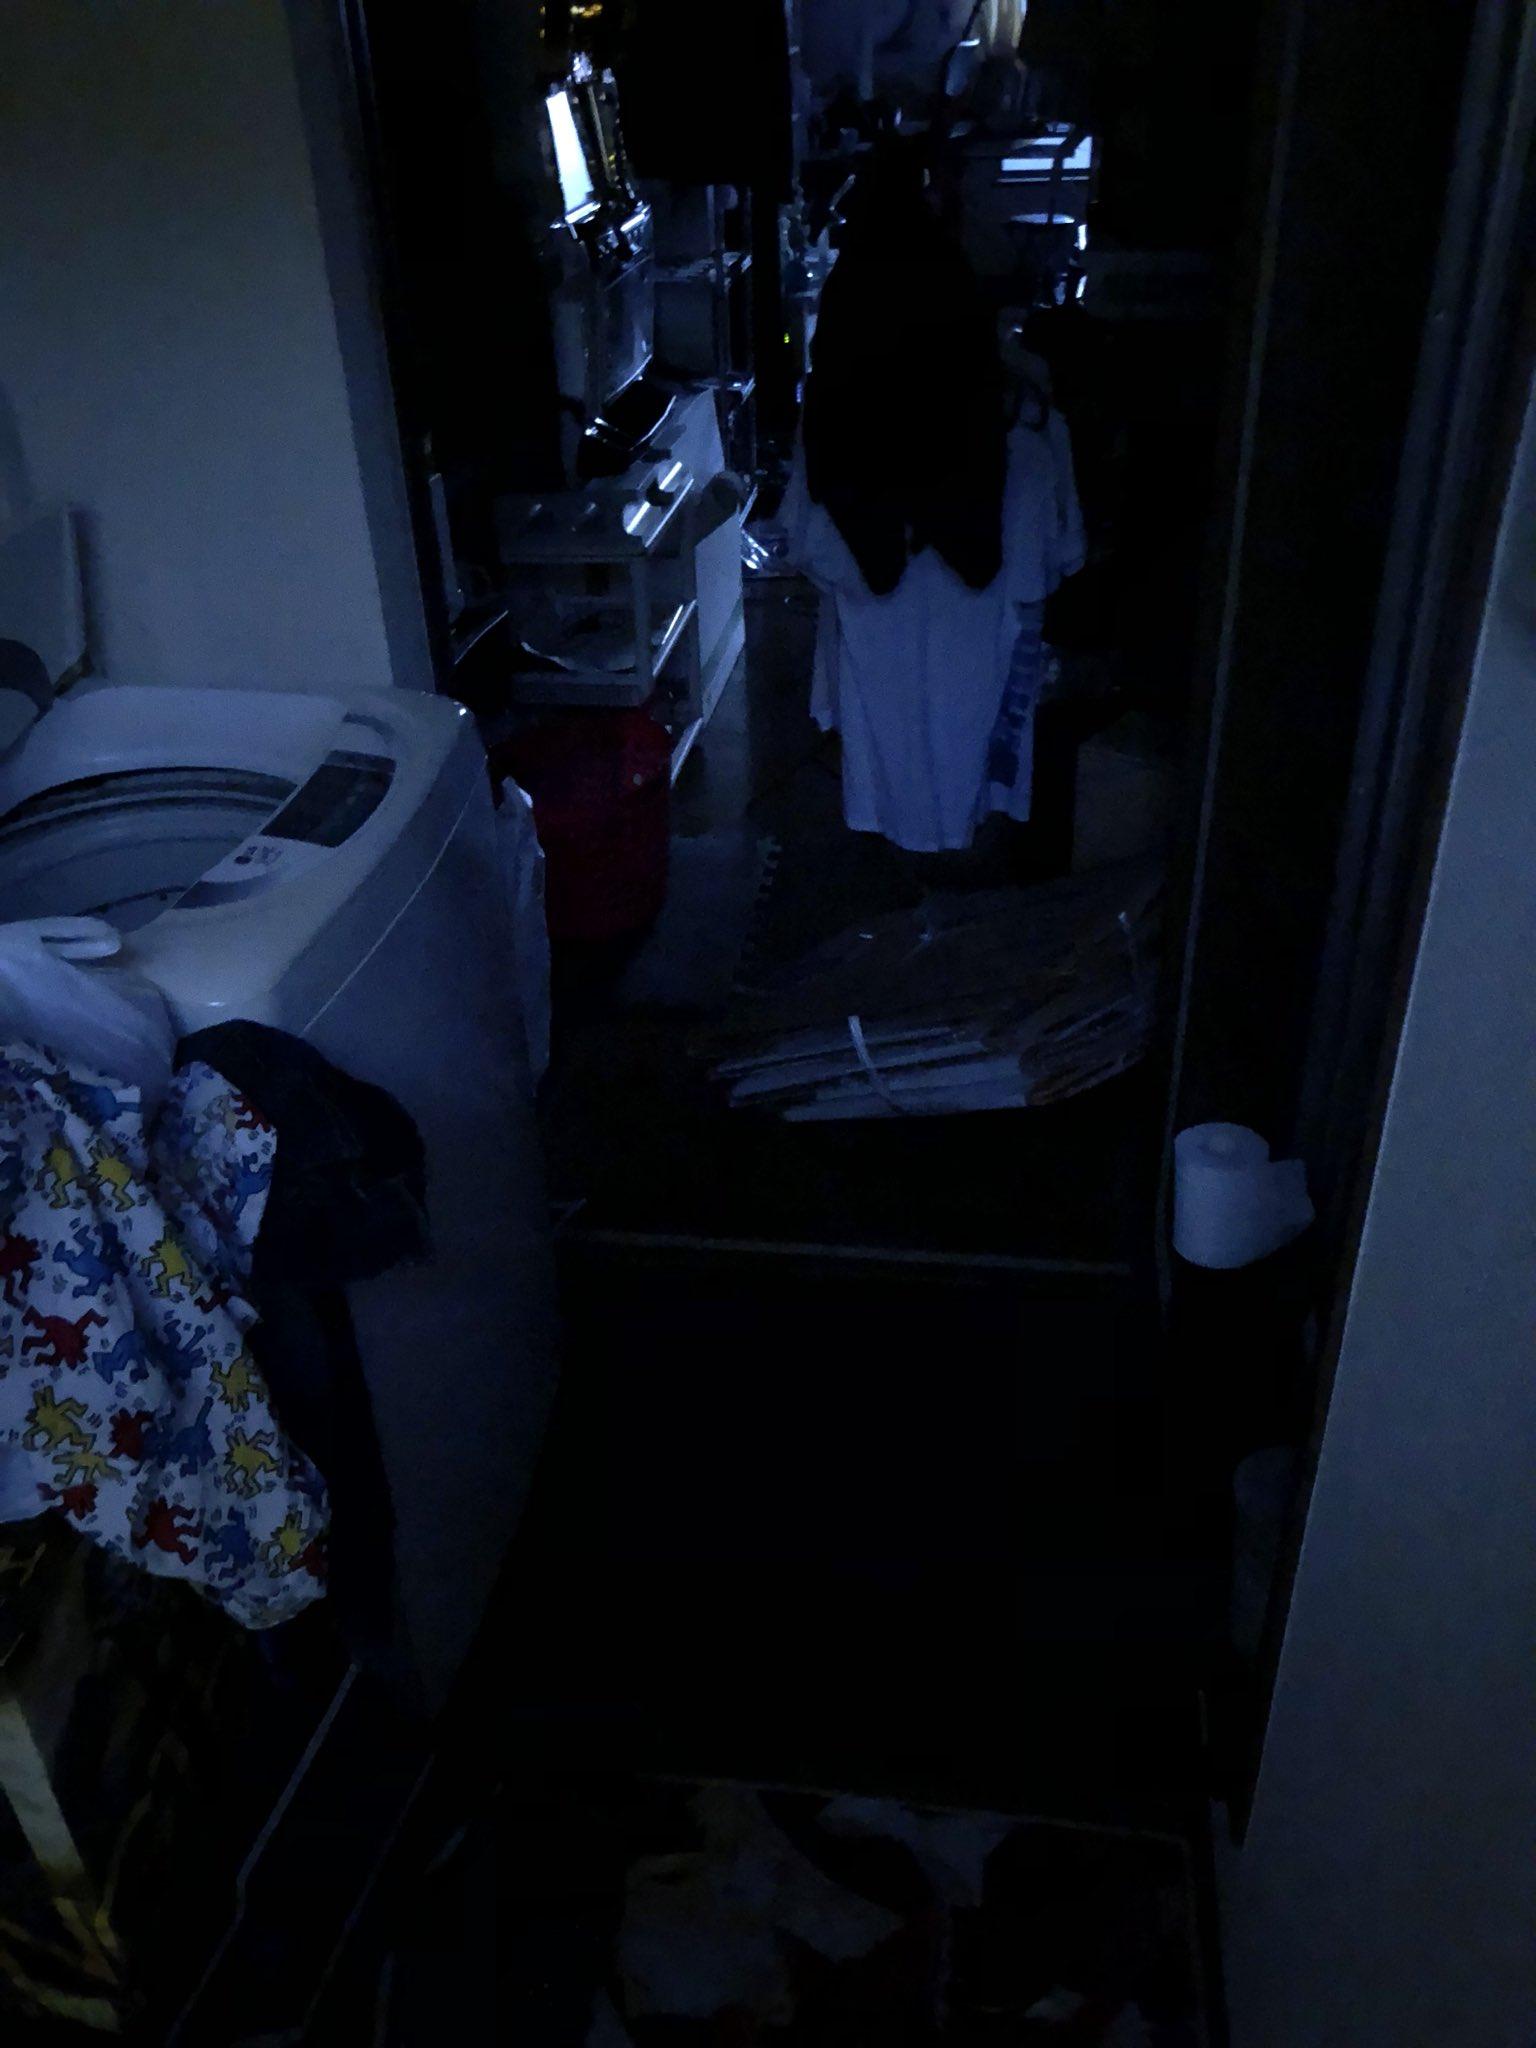 夜勤で帰ってきて玄関開けて、マジで貞子だと思って心臓止まりかけた 誰だよこんなふうに脱ぎ捨てて仕事行ったの(俺だよ)